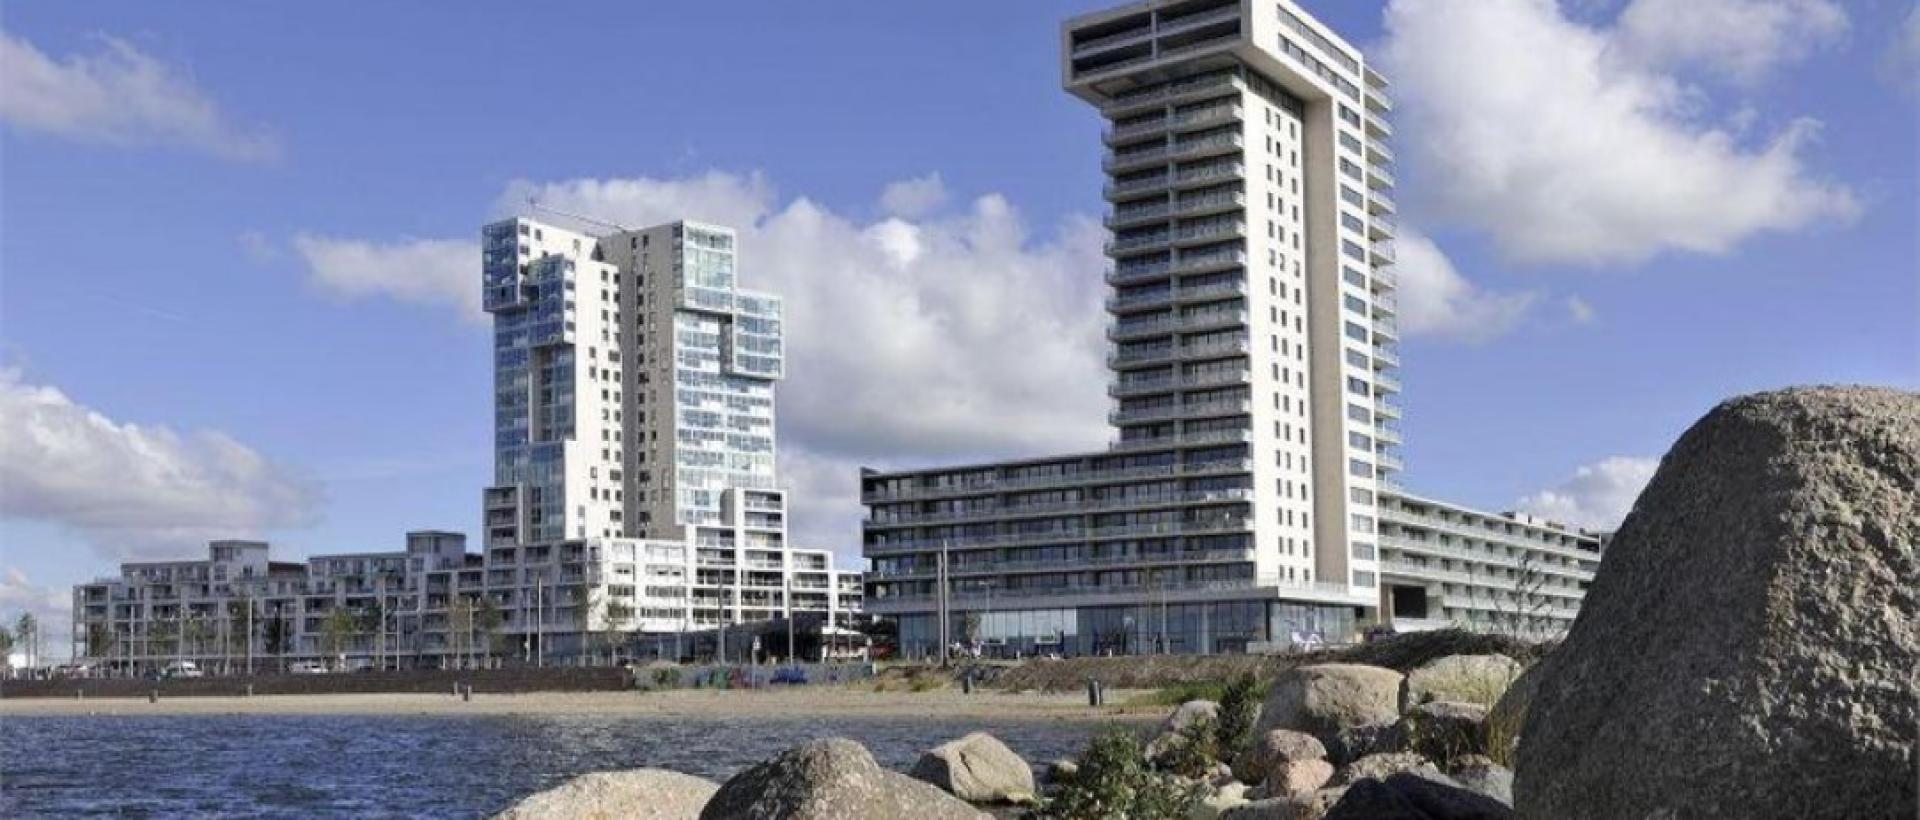 Corsicalaan, Rotterdam, Nesselande, Zuid Holland   Rentals Rotterdam,  Luxury Furnished Apartments And Houses For Rent » Rotterdam Apartments And  Houses